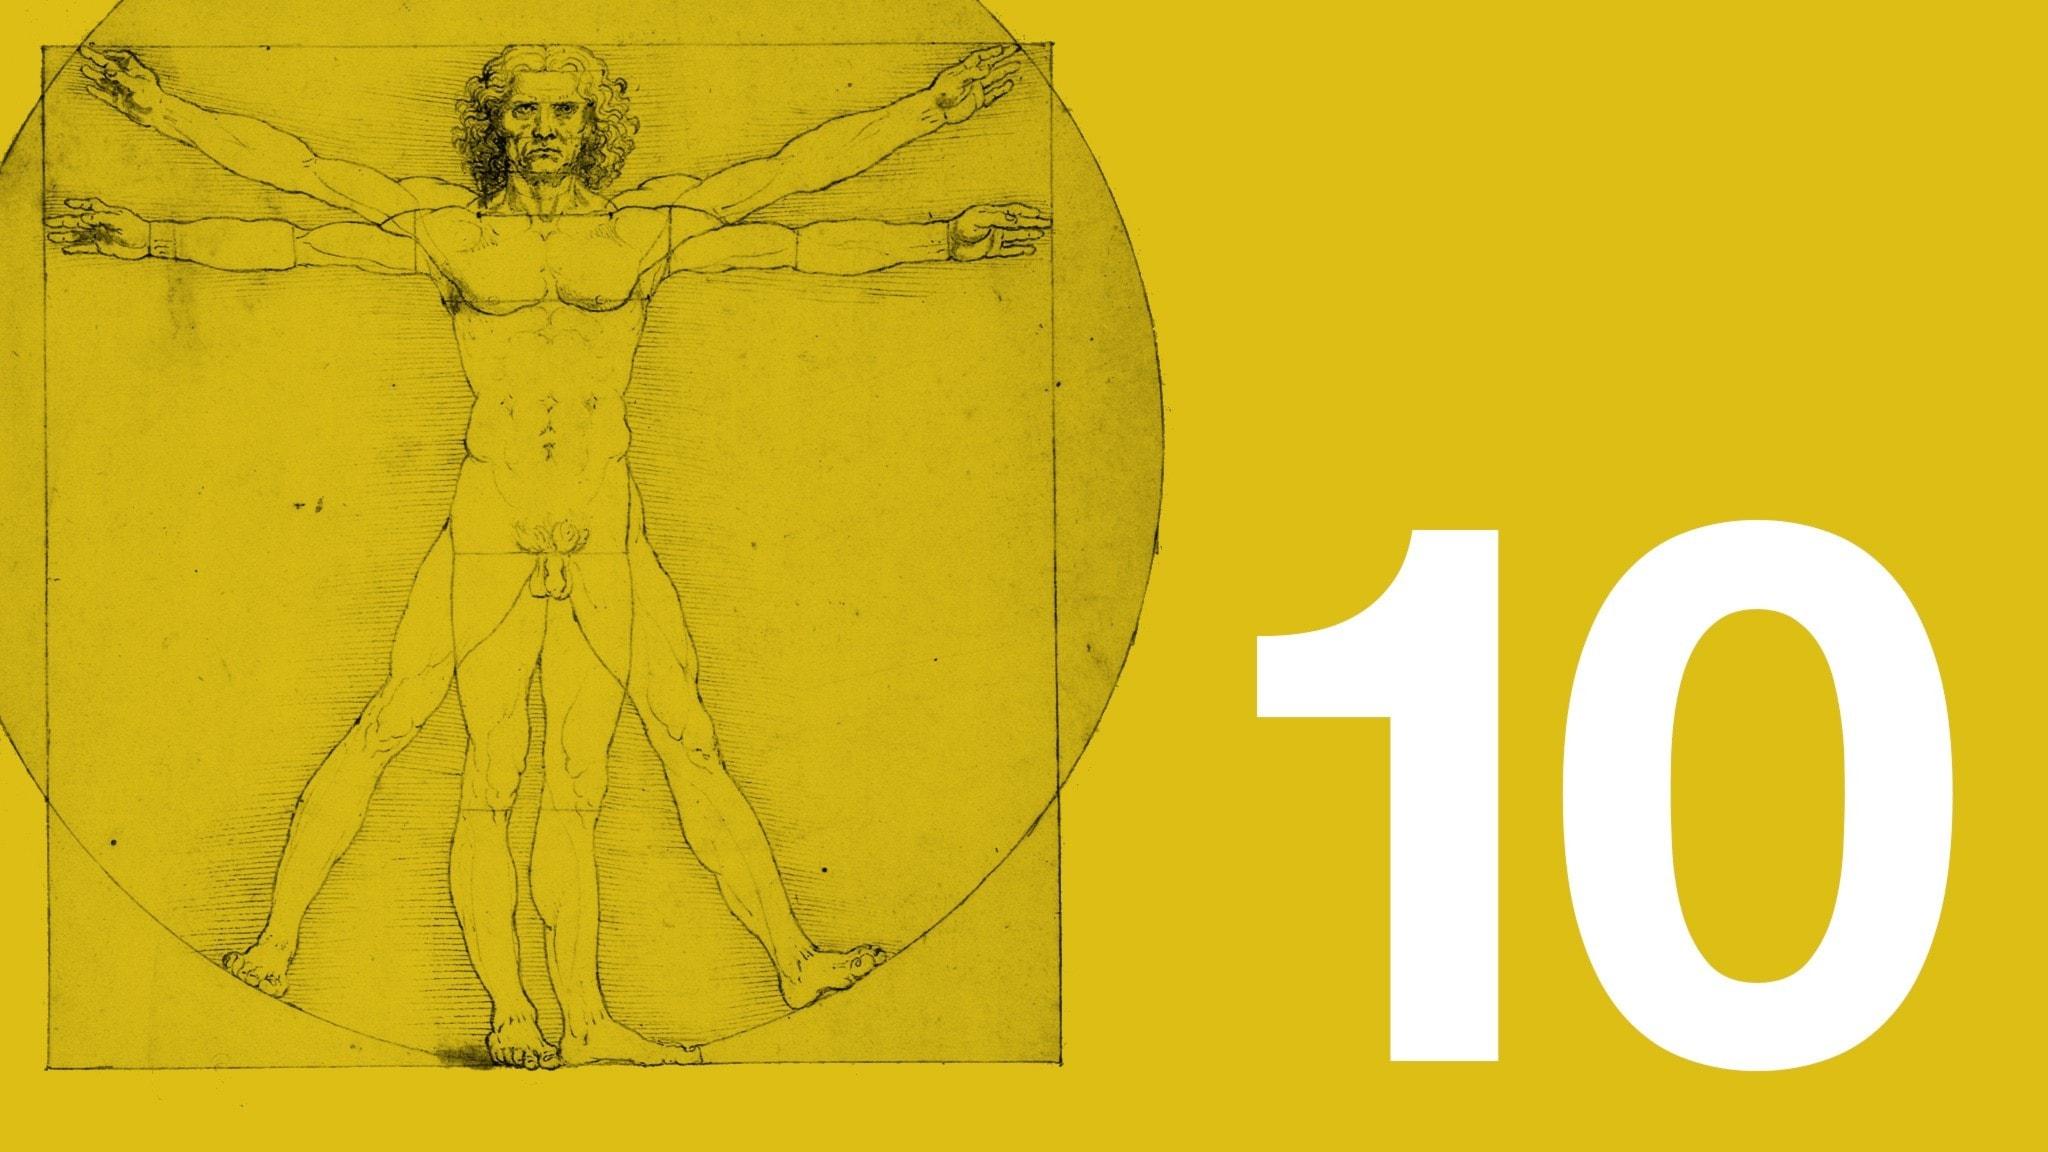 Bilden visar ett utsnitt av Leonardo da Vincis teckning den vitruvianske mannen, som ofta har fått stå som sinnebild för människans ideala proportioner. Teckningen är till vänster i bild. Bakgrundsfärgen är ockragul. Längst ner till höger syns en vit tia.